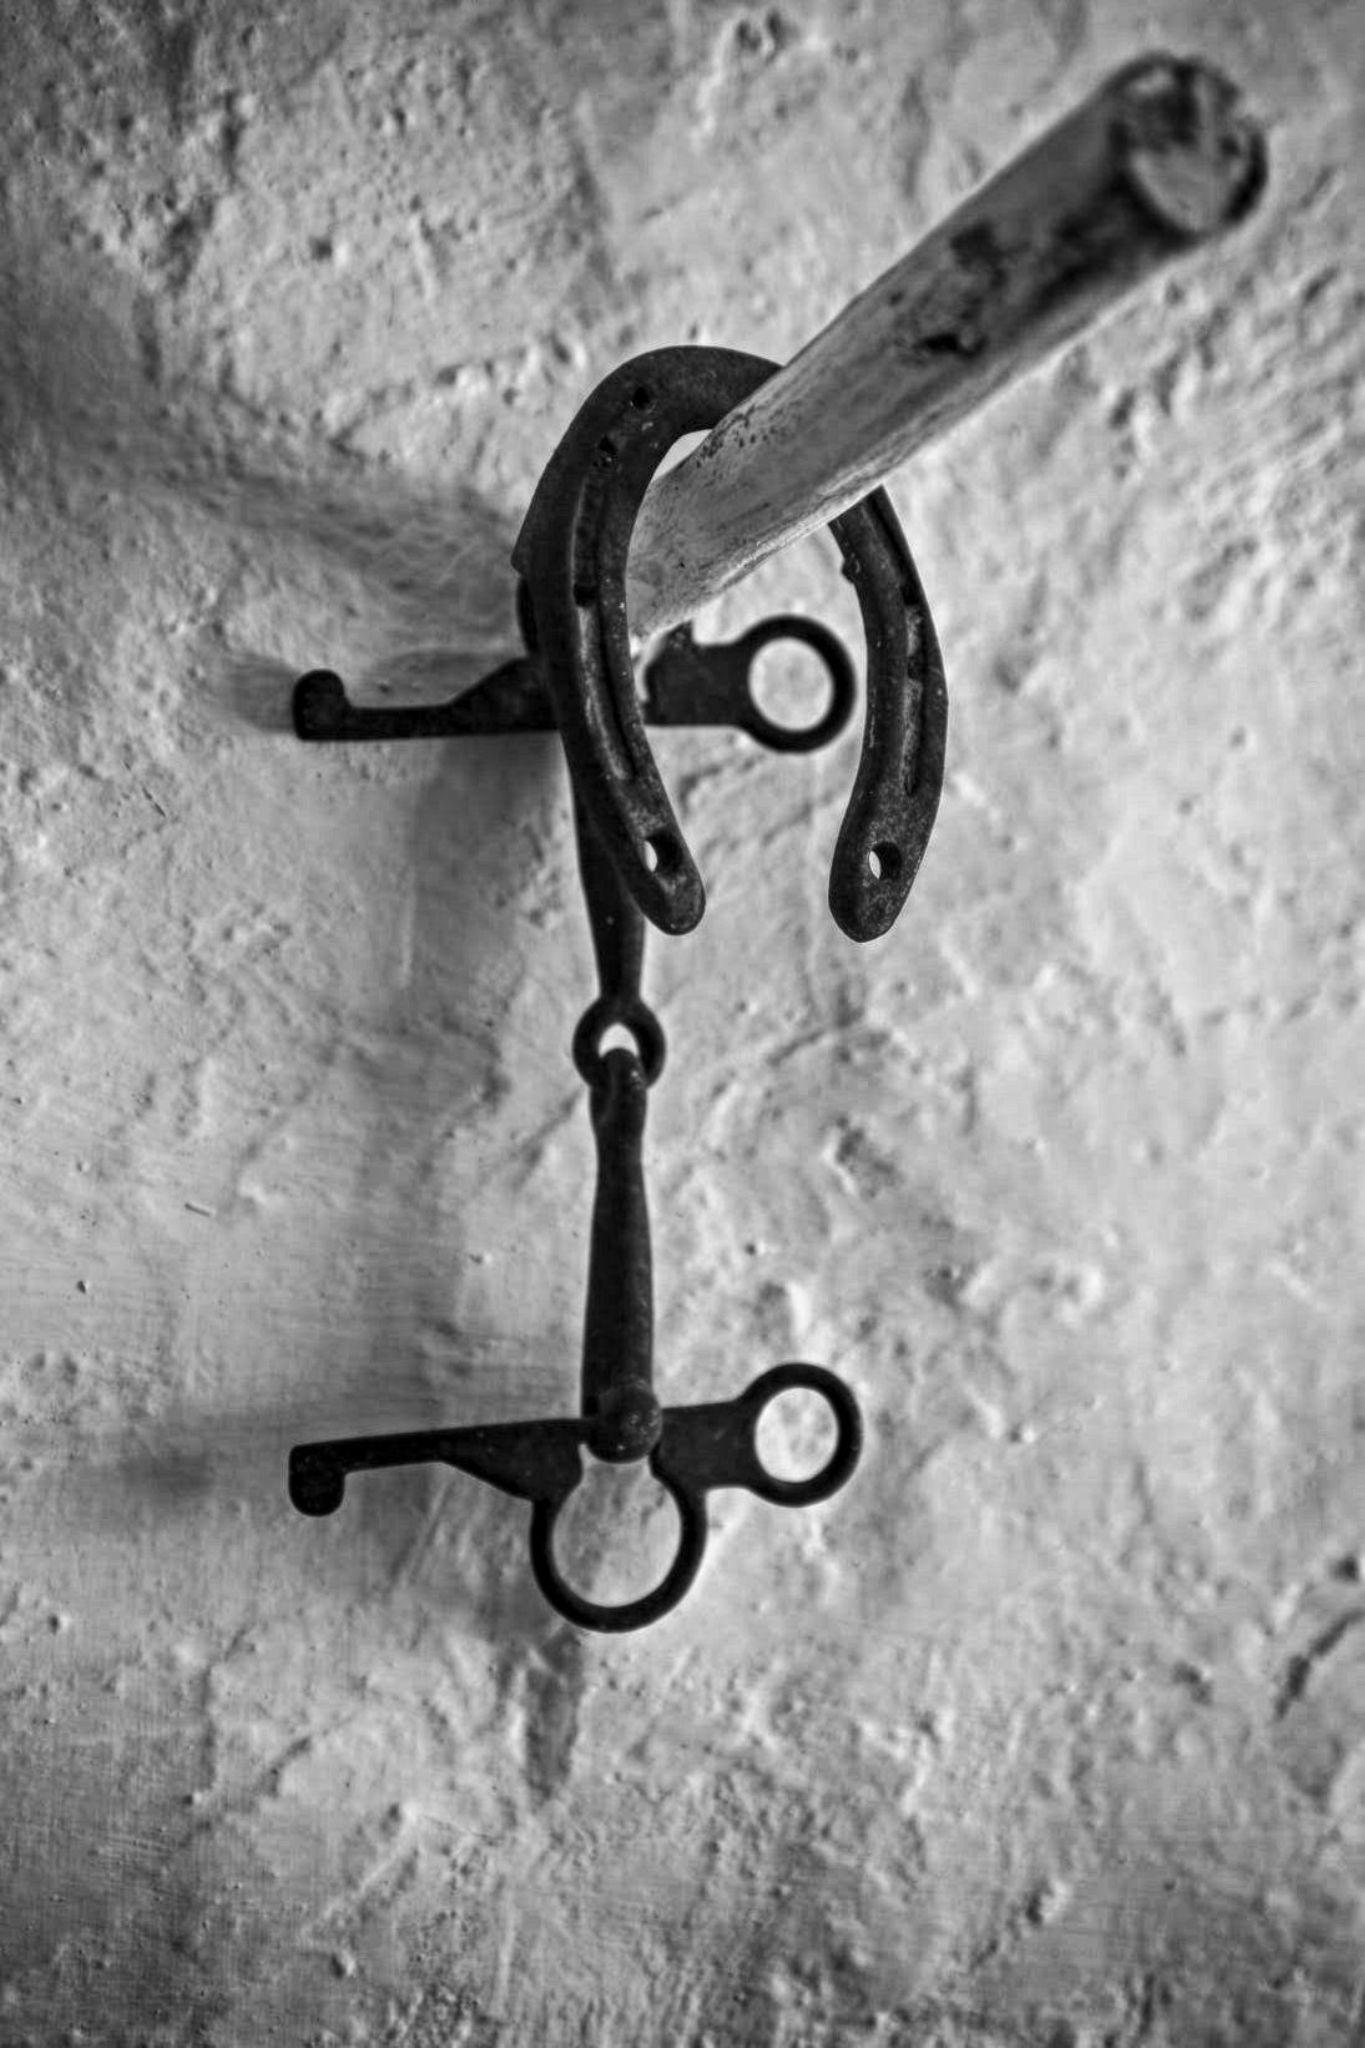 interno trullo by Vittorio Perillo